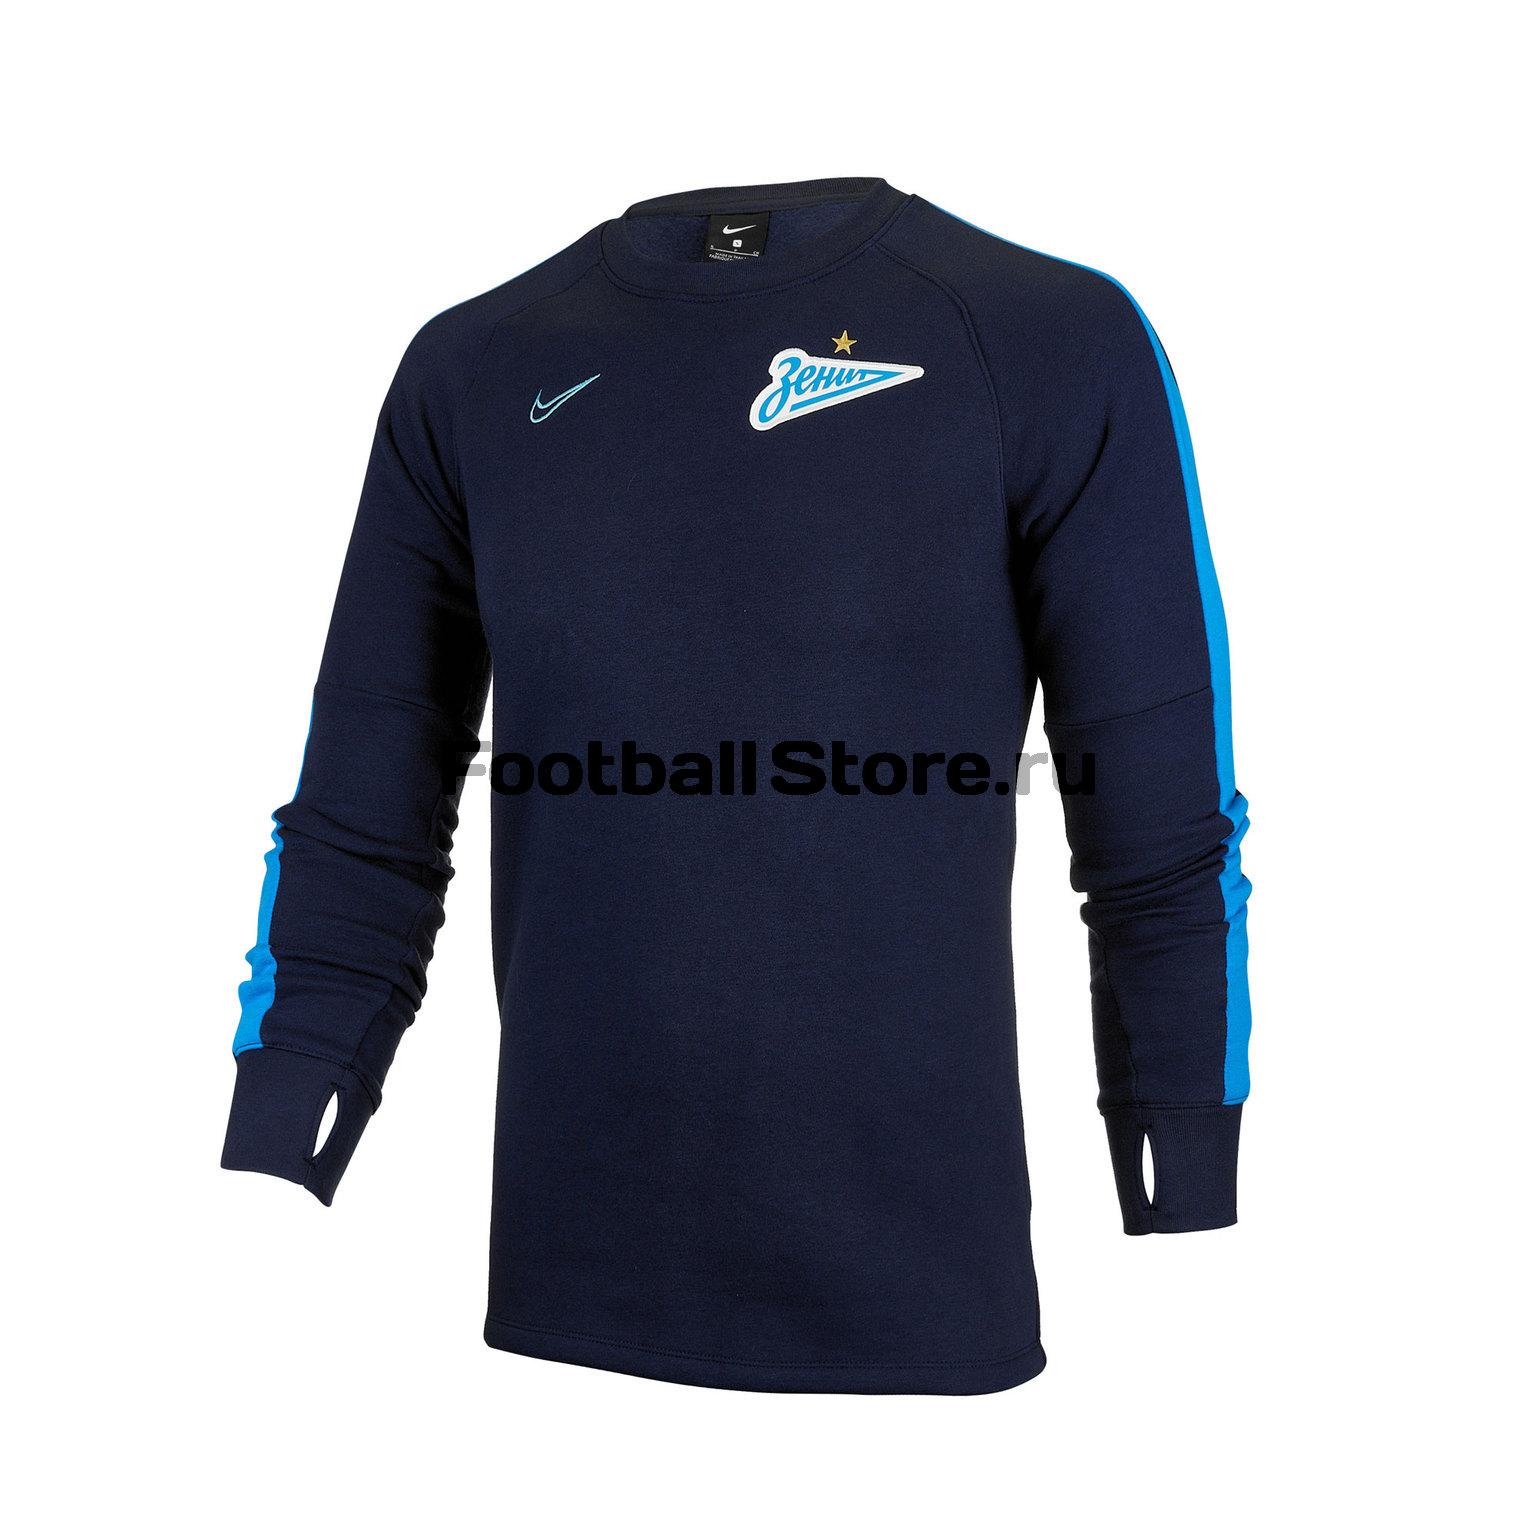 Свитер тренировочный Nike Zenit AV9899-498